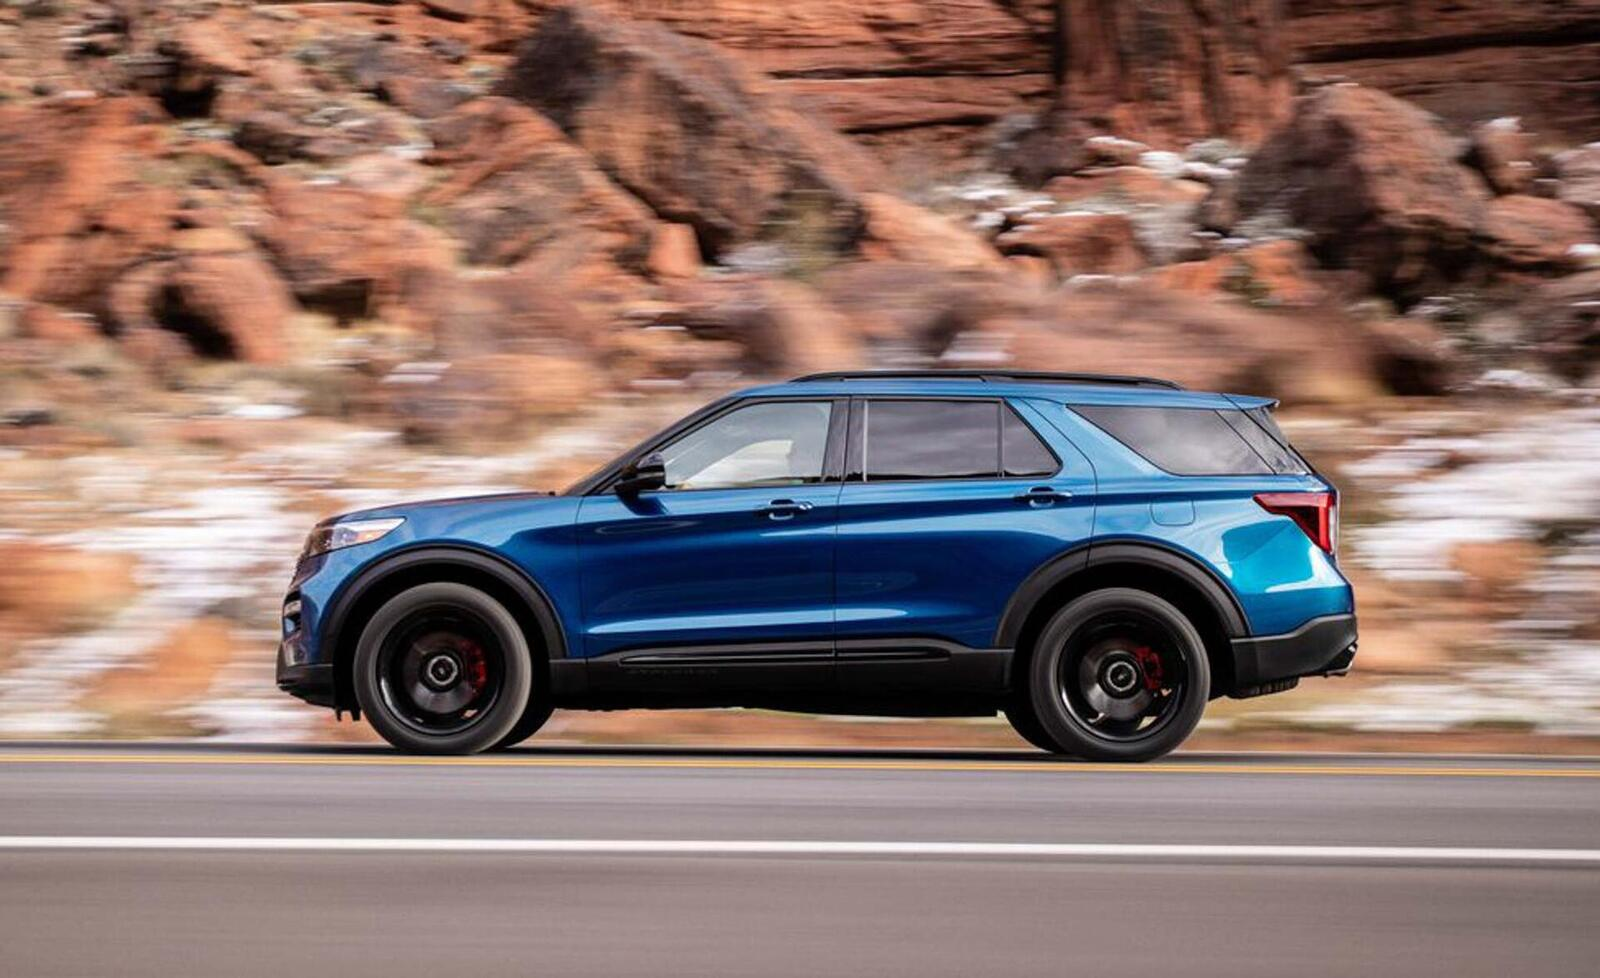 Ford giới thiệu Explorer ST 2020: Phiên bản mạnh nhất lắp máy V6 3.0L tăng áp 400 mã lực - Hình 7